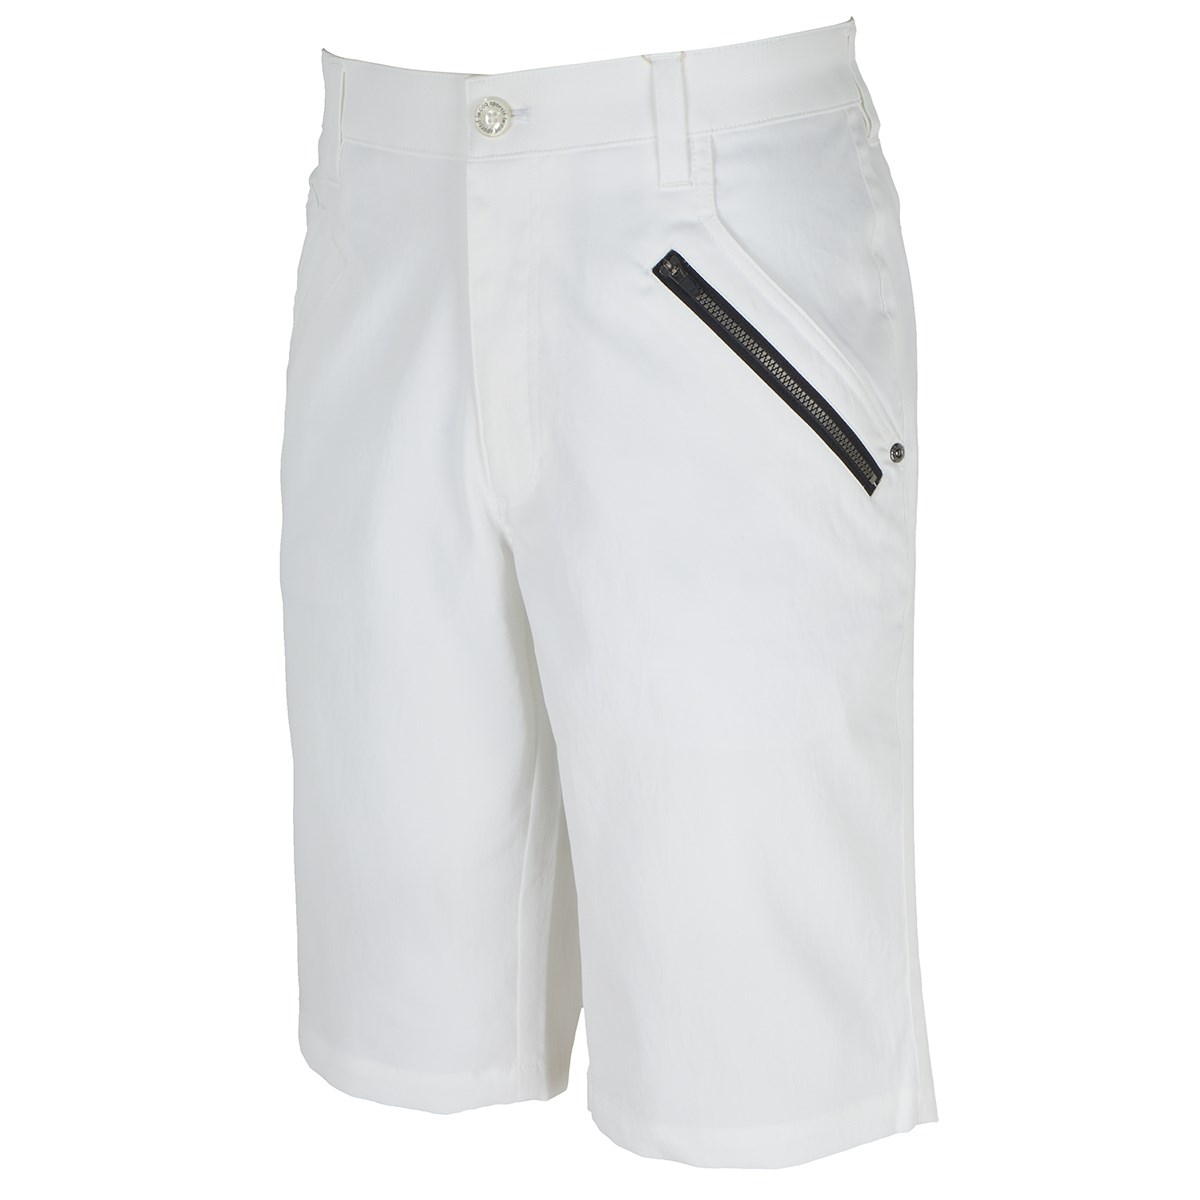 ルコックゴルフ Le coq sportif GOLF SYツイルストレッチハーフパンツ 76 ホワイト 00